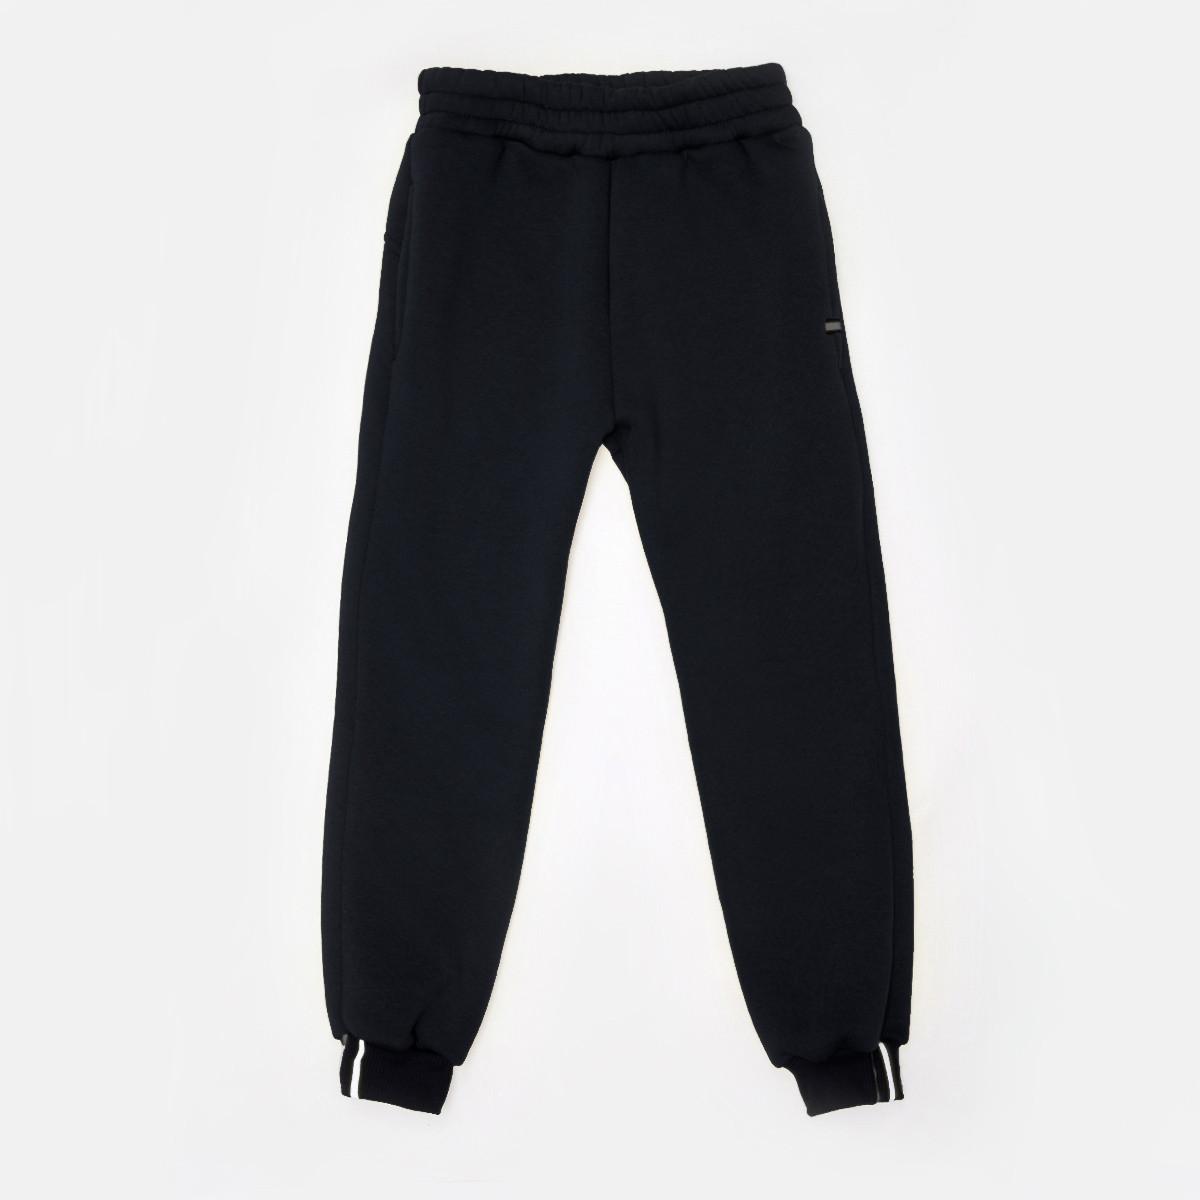 Черные спортивные штаны р.152,158,164 утепленные SmileTime для мальчика Novel, черные